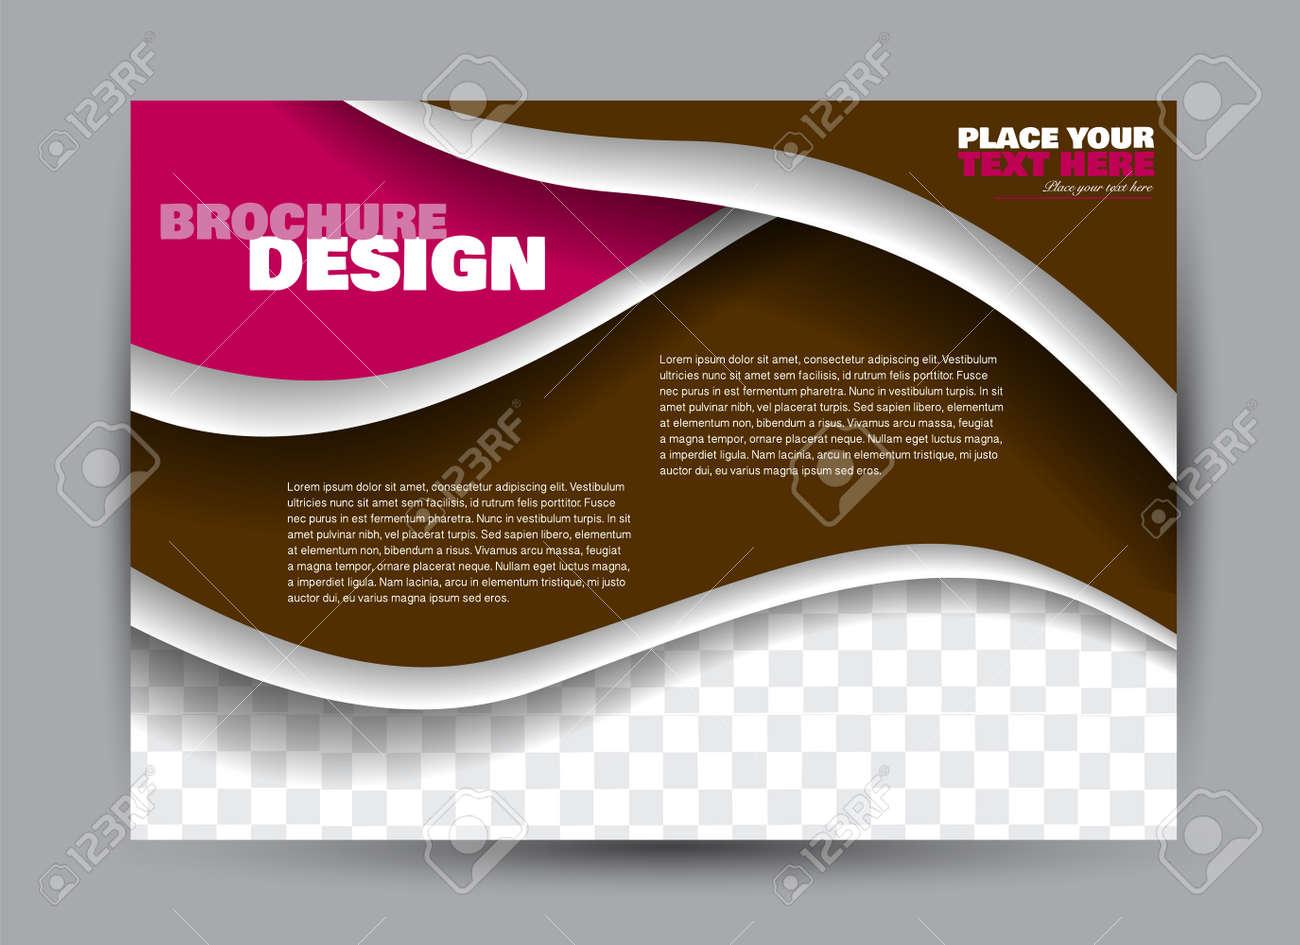 Flyer, brochure, billboard template design landscape orientation for business, education, school, presentation, website. Brown and pink color. Editable vector illustration. - 126834746